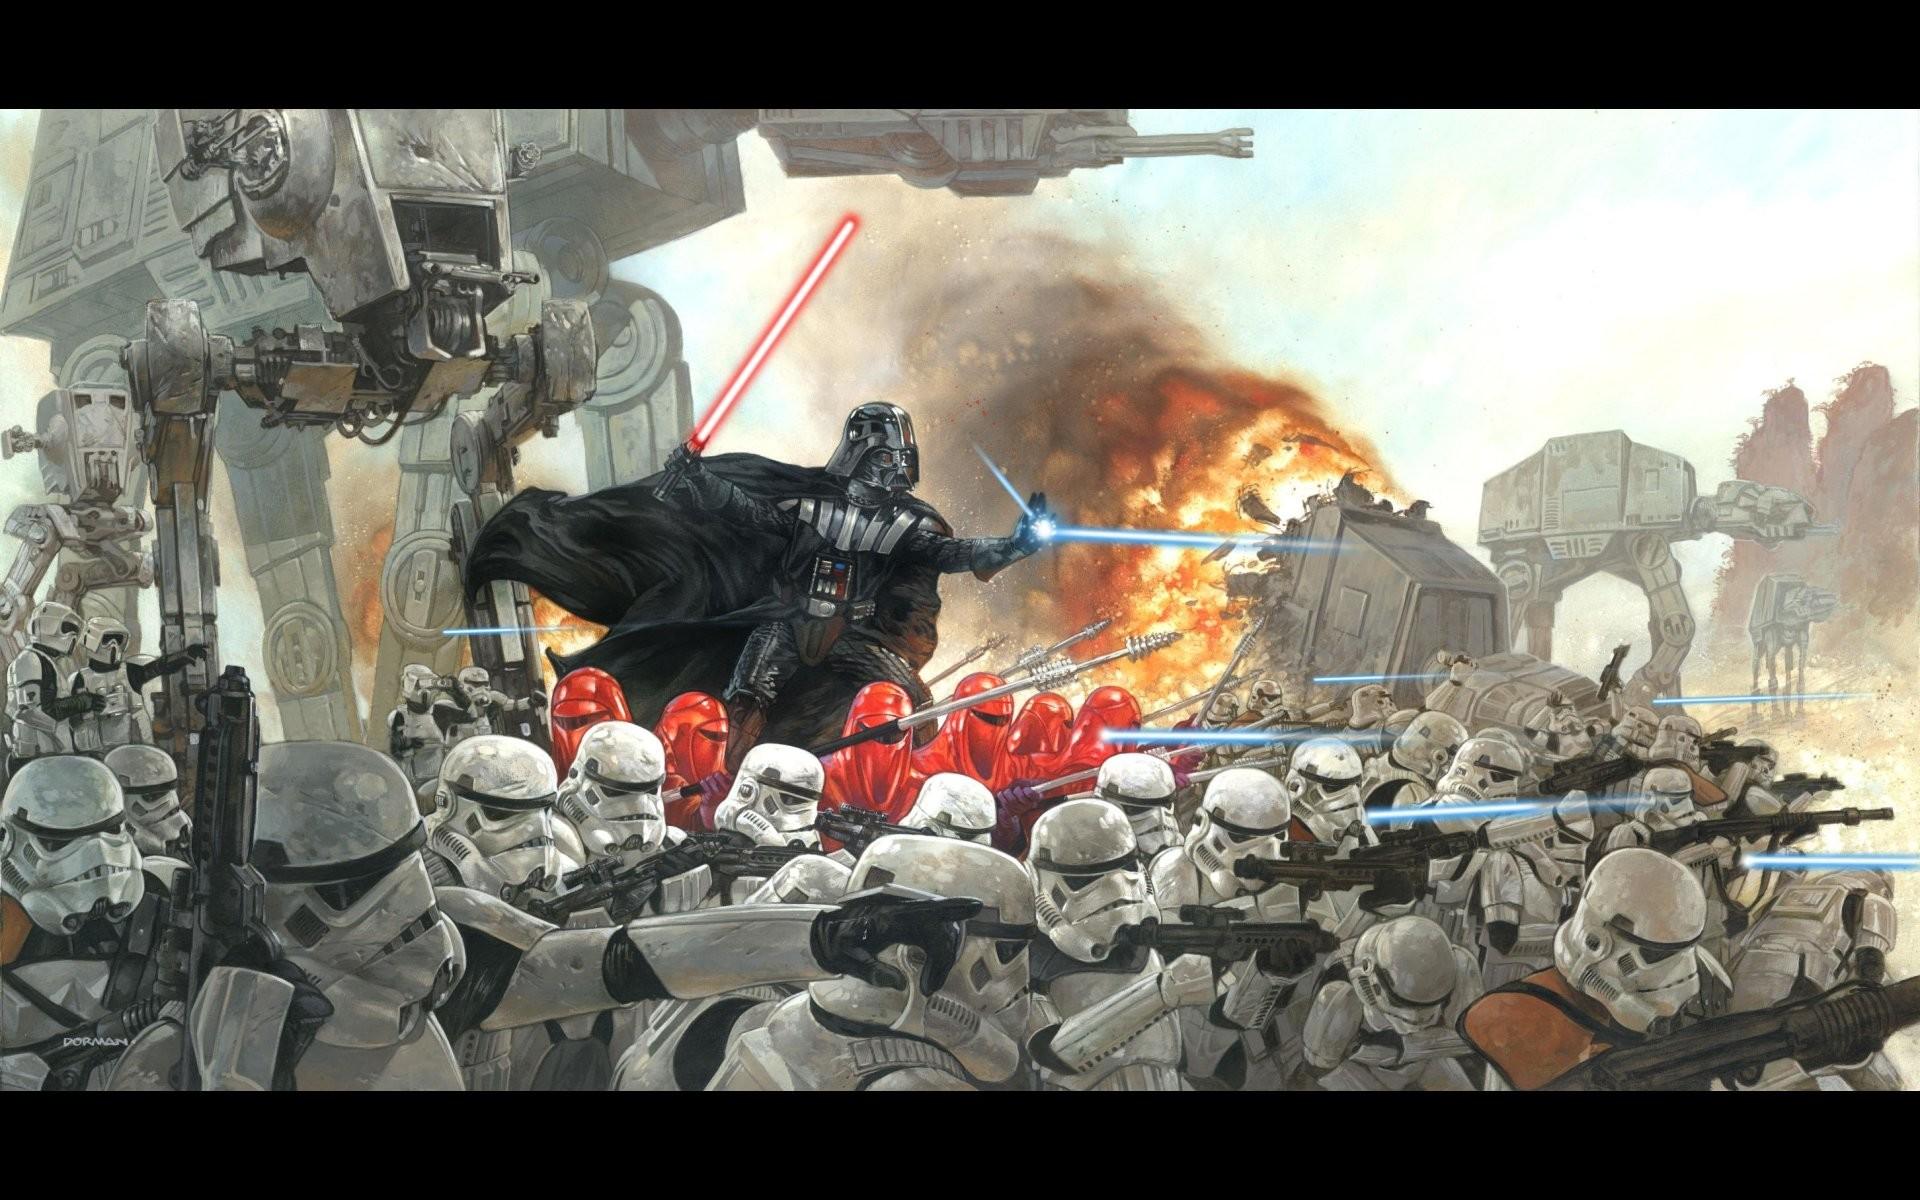 Top Ten Star Wars Wallpapers